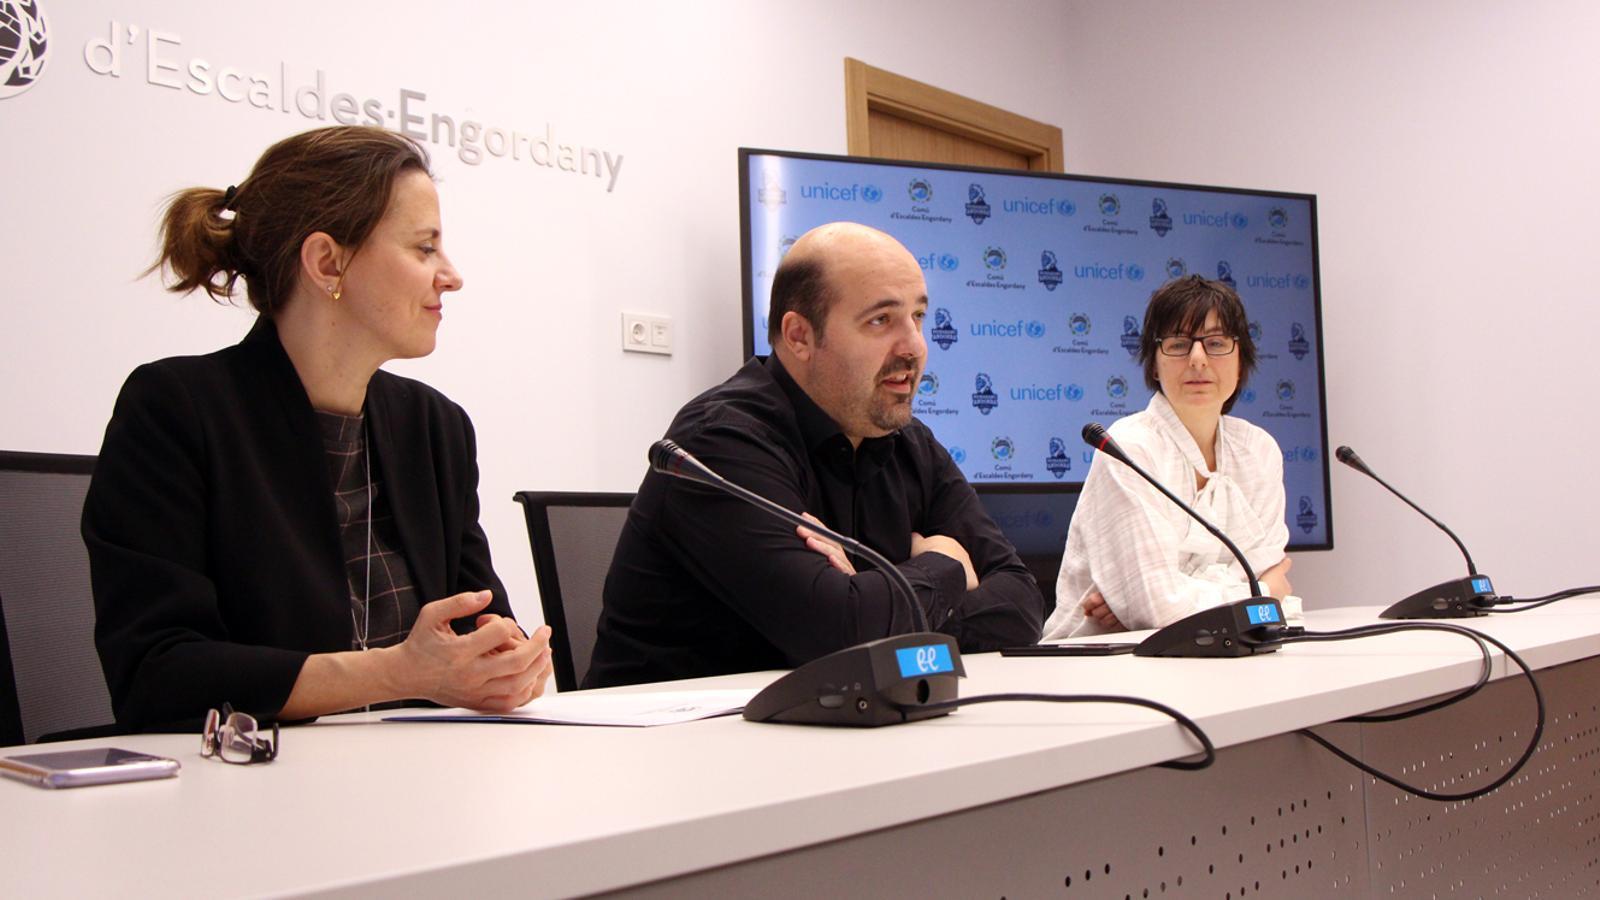 La cònsol major d'Escaldes-Engordany, Rosa Gili; el president del MoraBanc Andorra, Gorka Aixàs, i la directora d'Unicef Andorra, Marta Alberch, durant la presentació de la 6a edició del 'Champions for Unicef'. / M. P. (ANA)